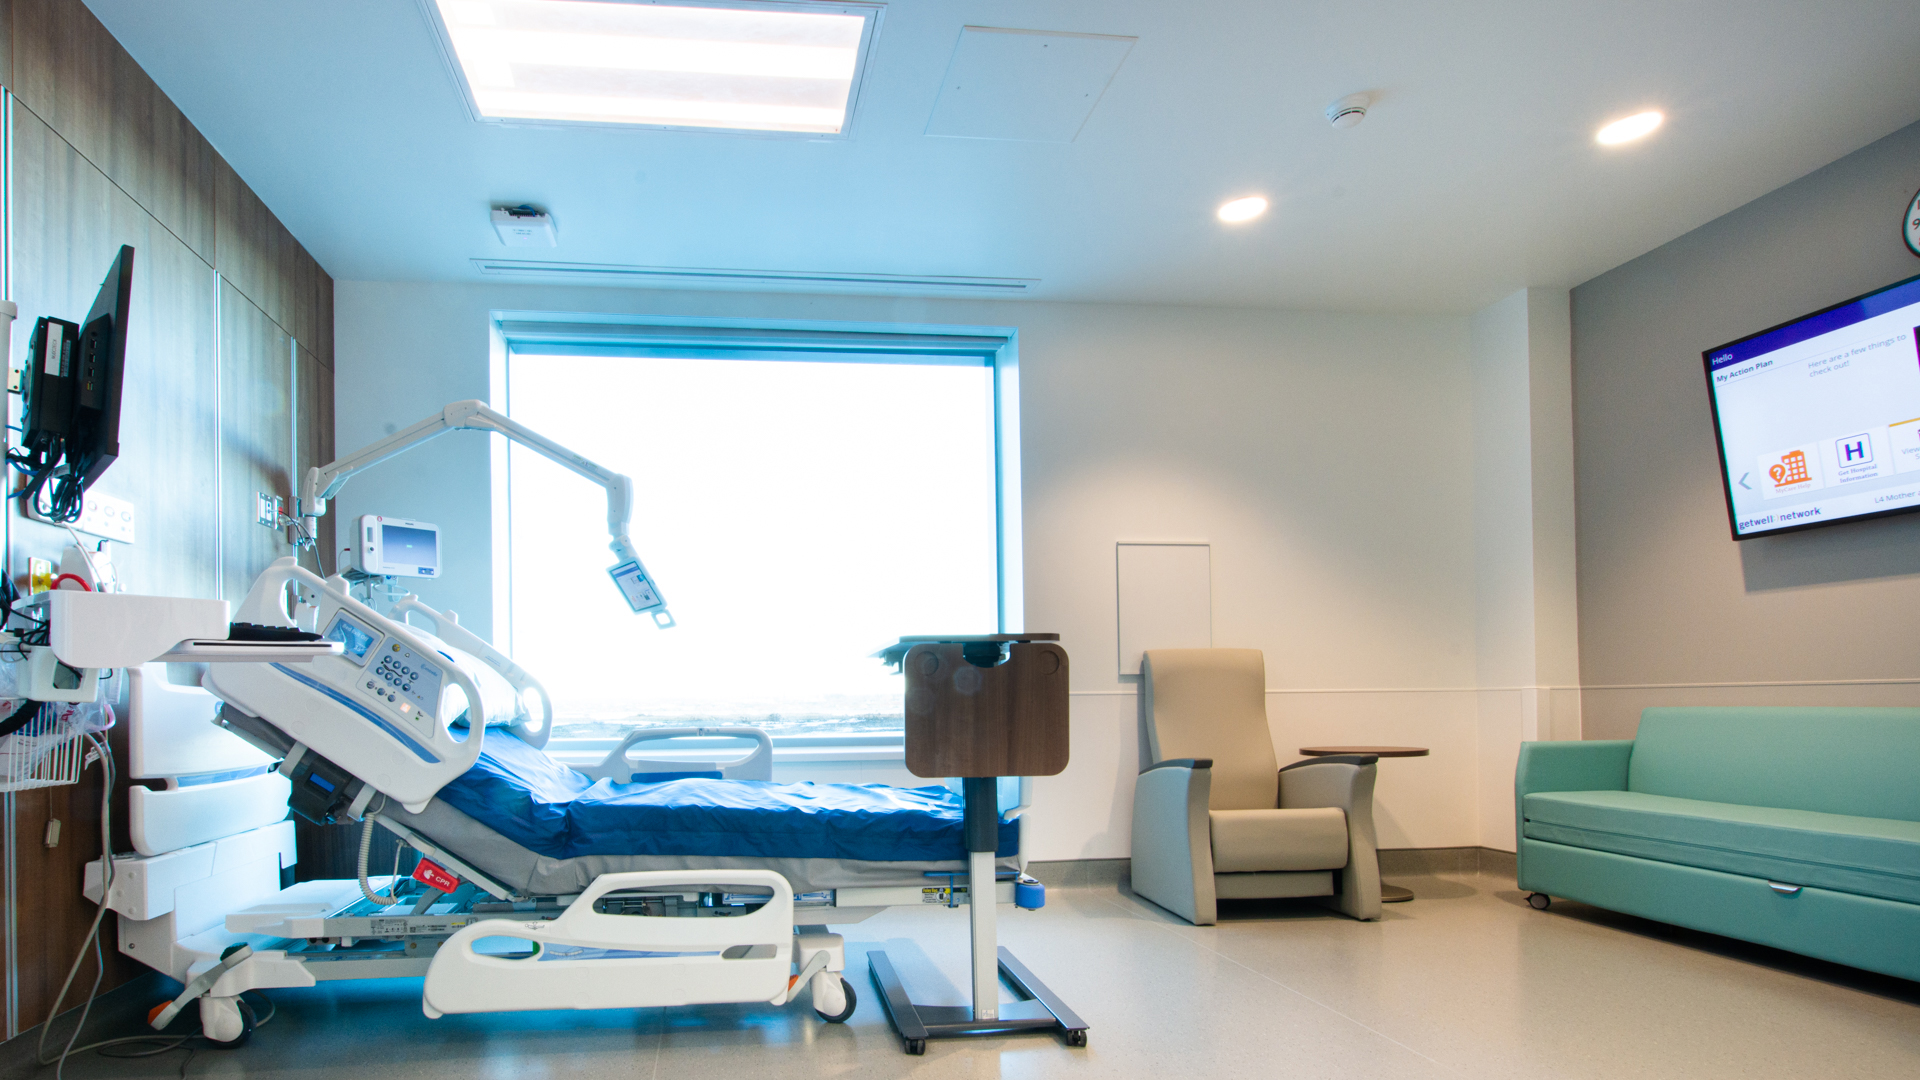 Inpatient Airborne Room Pod E AP